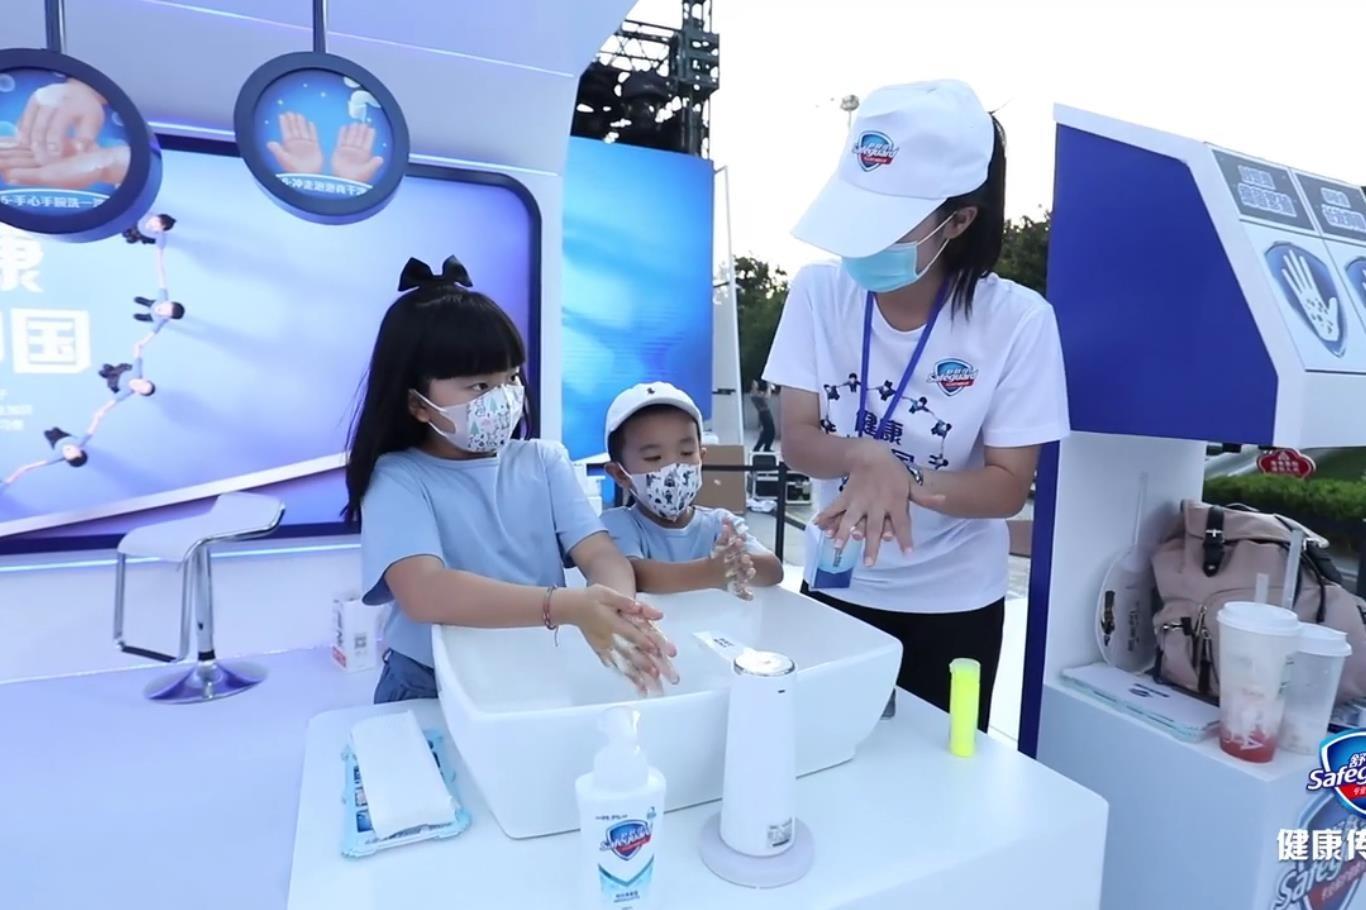 舒肤佳#健康传中国#教育与公益项目启动,致力一亿人洗手健康教育